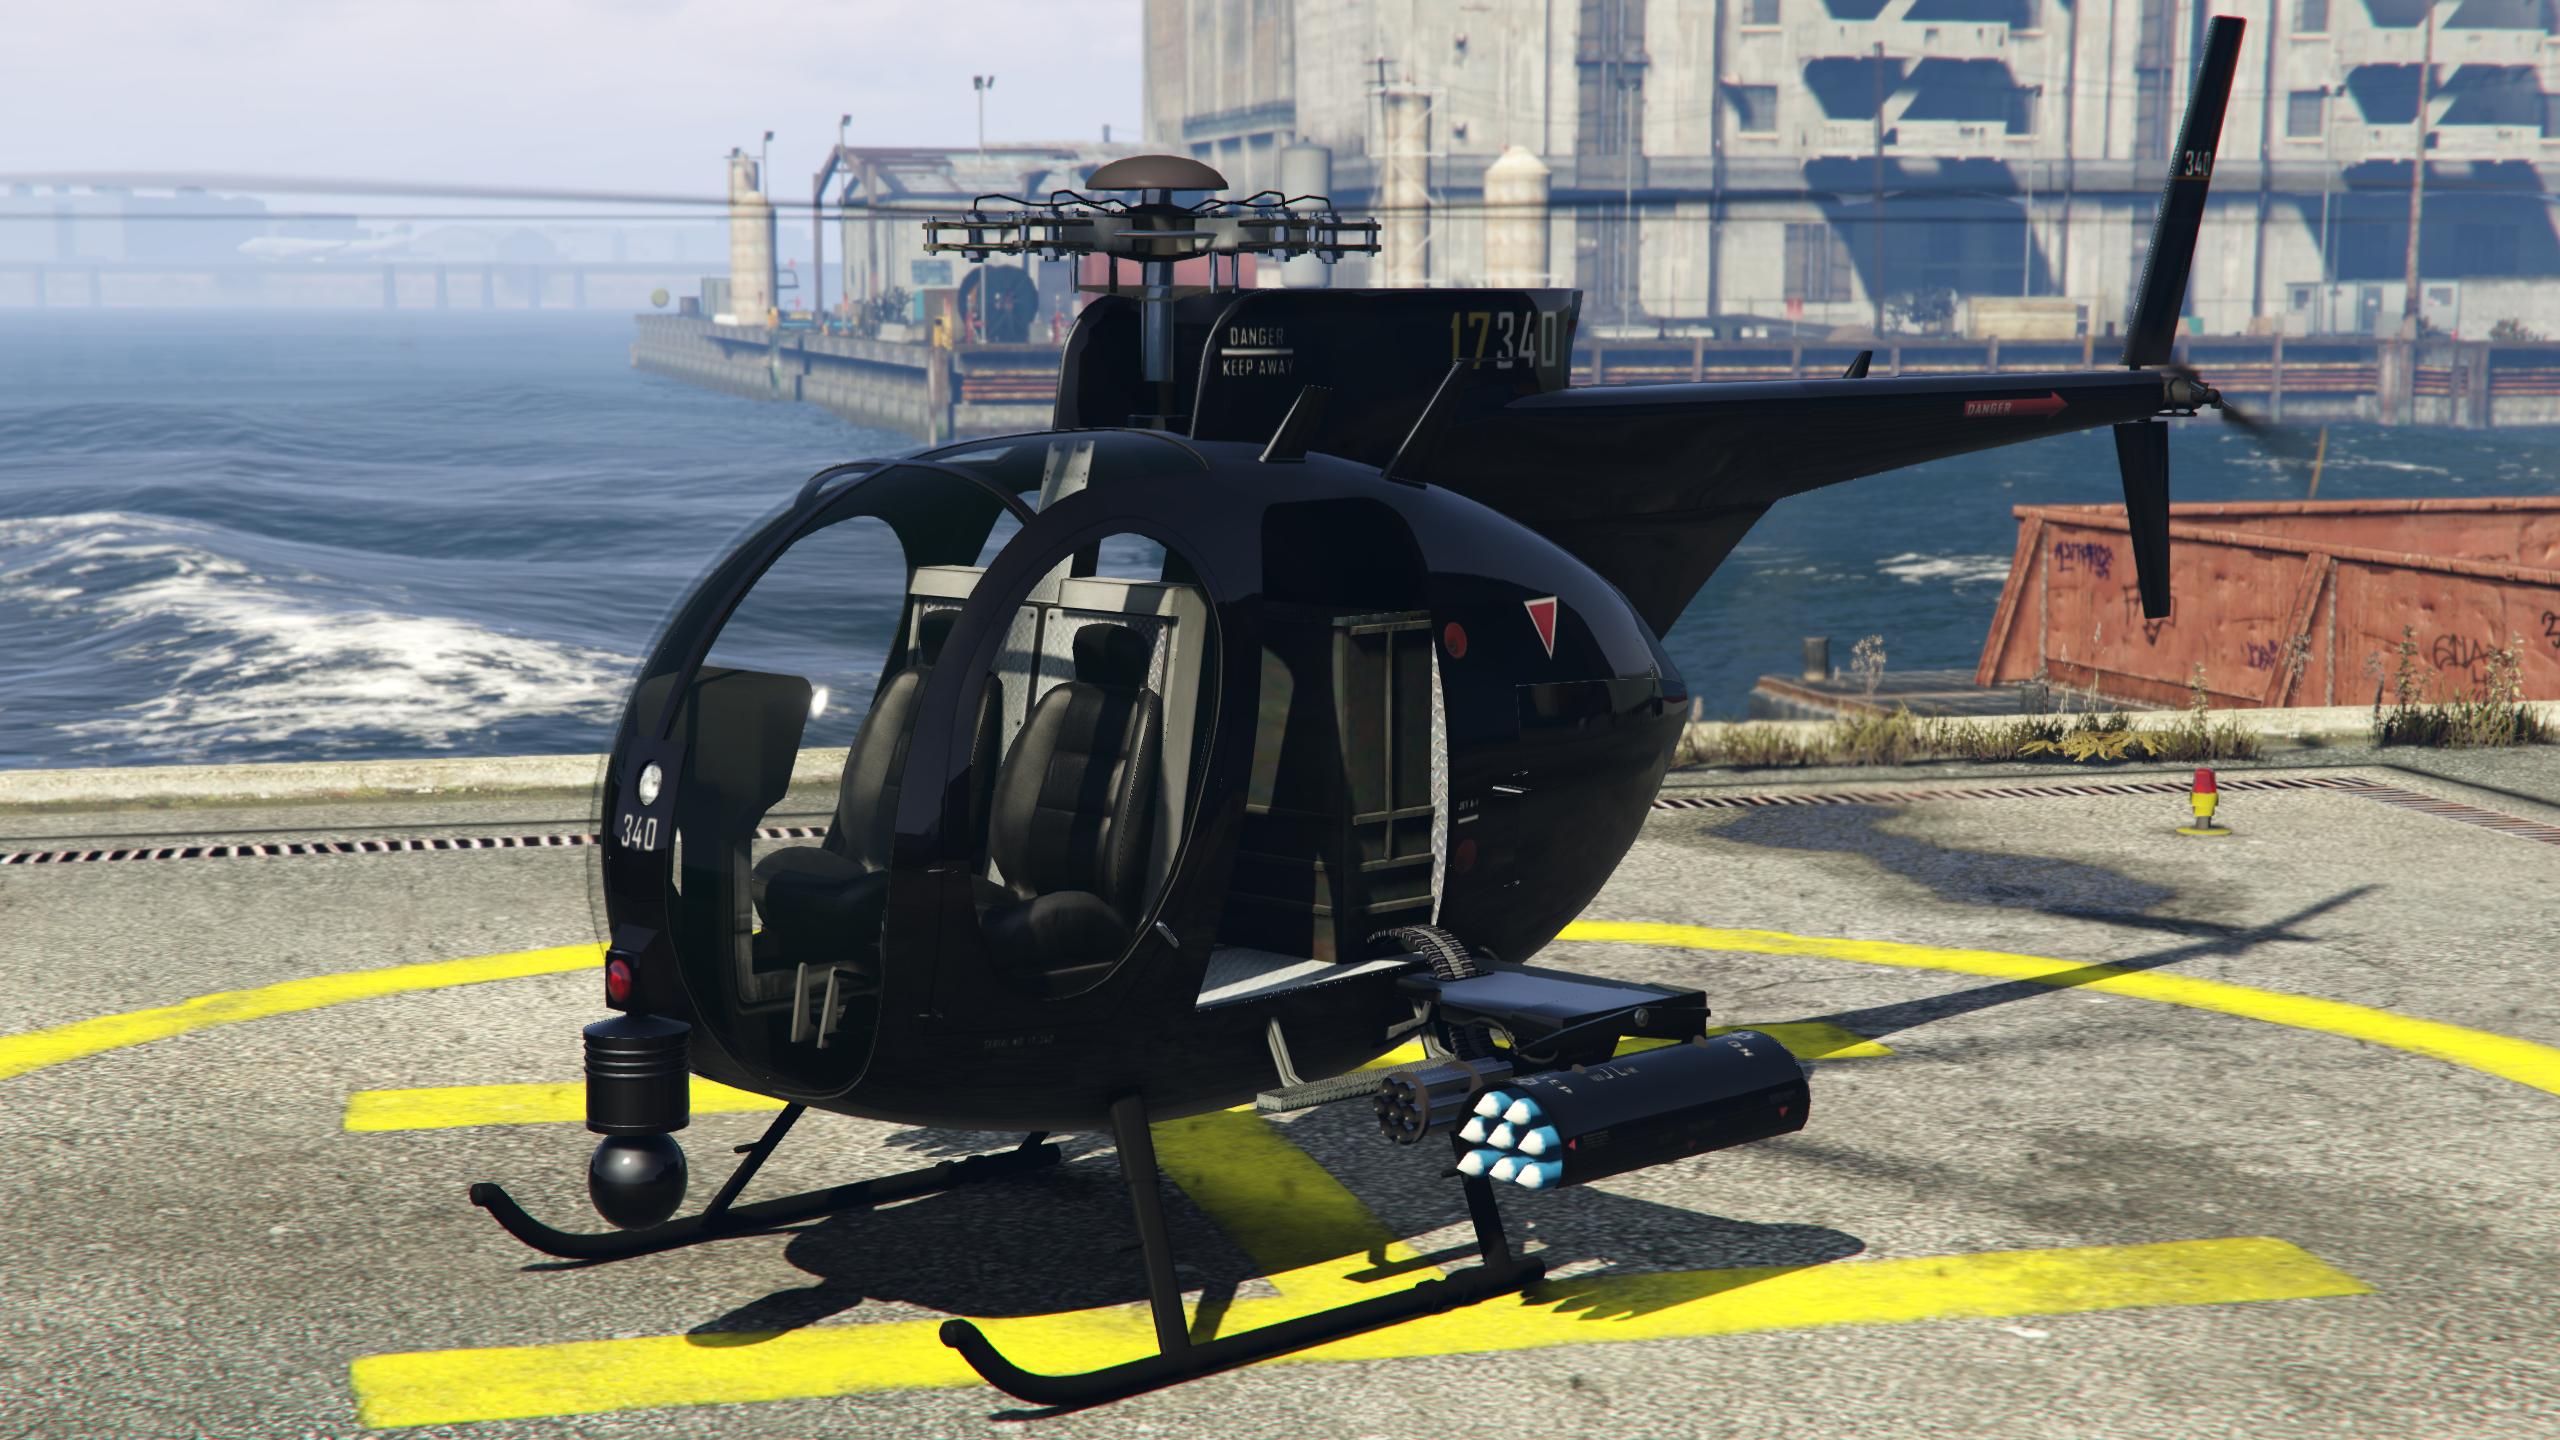 Buzzard Attack Chopper   GTA Wiki   Fandom